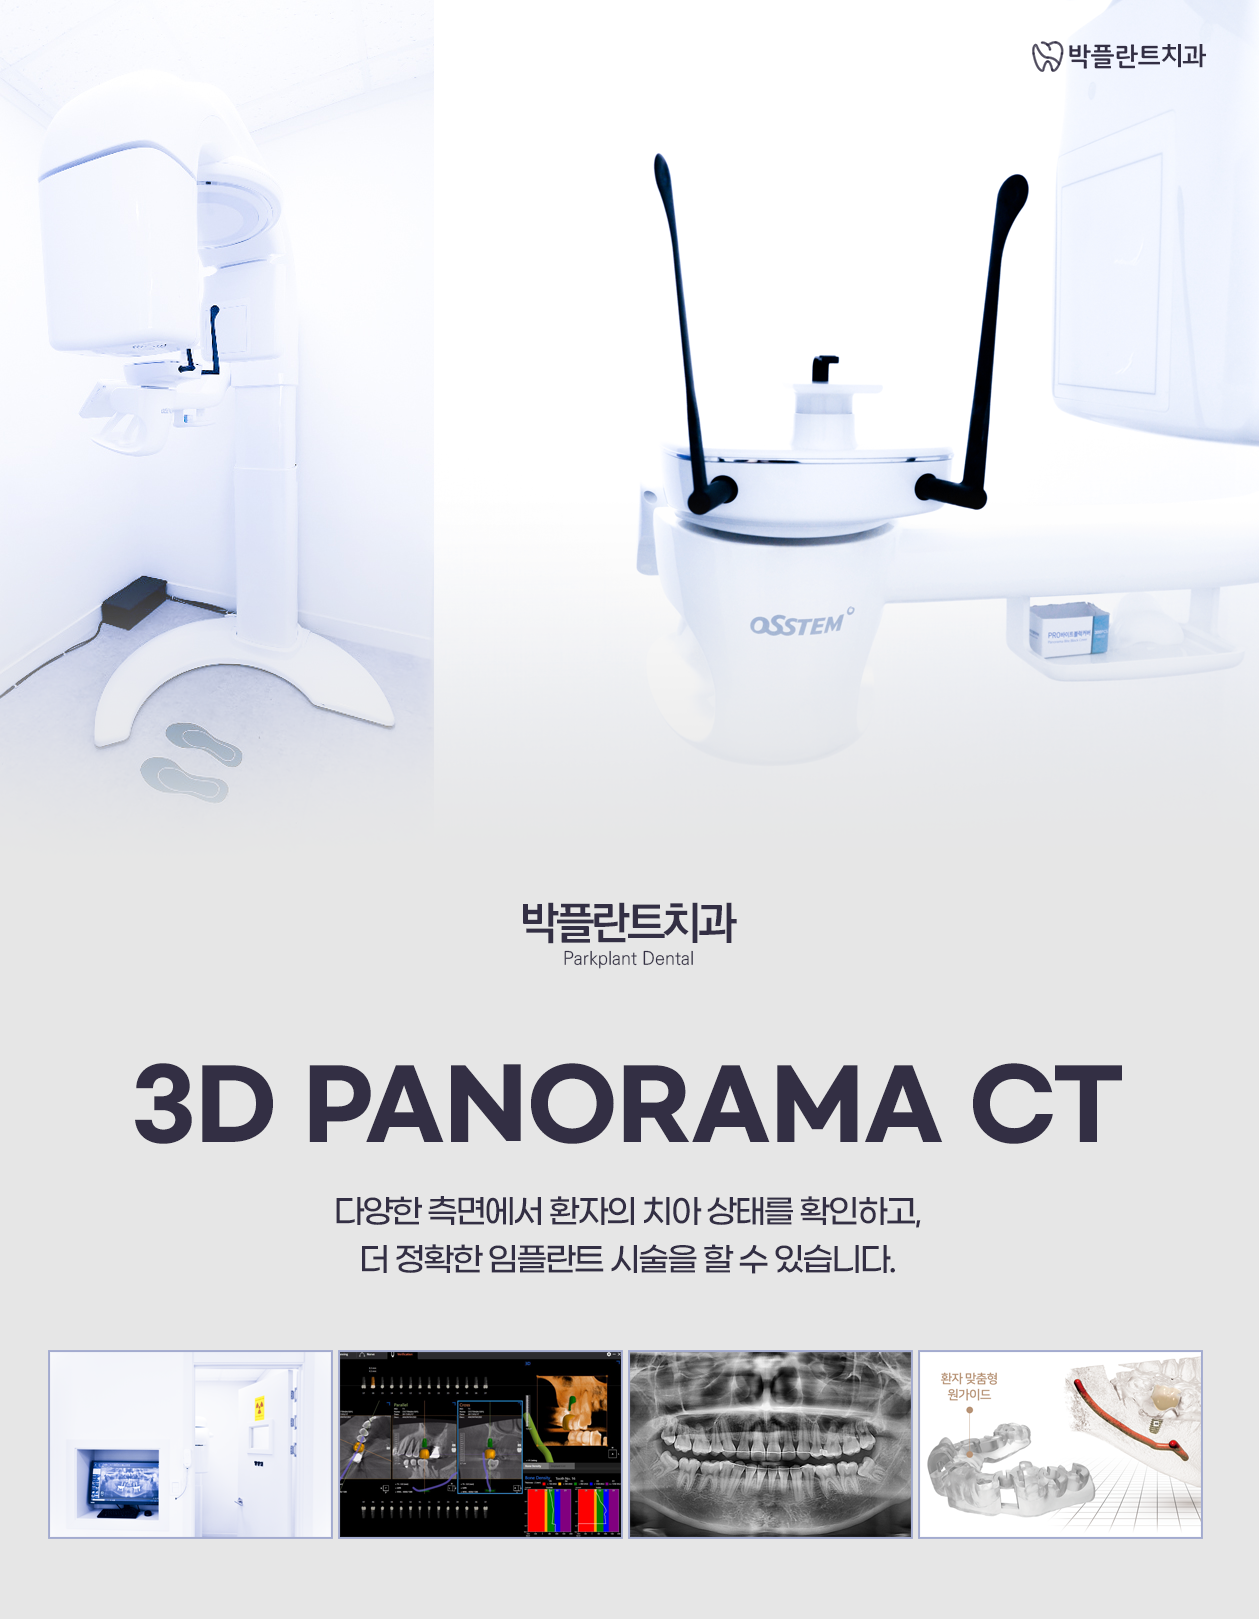 3D PANORAMA CT